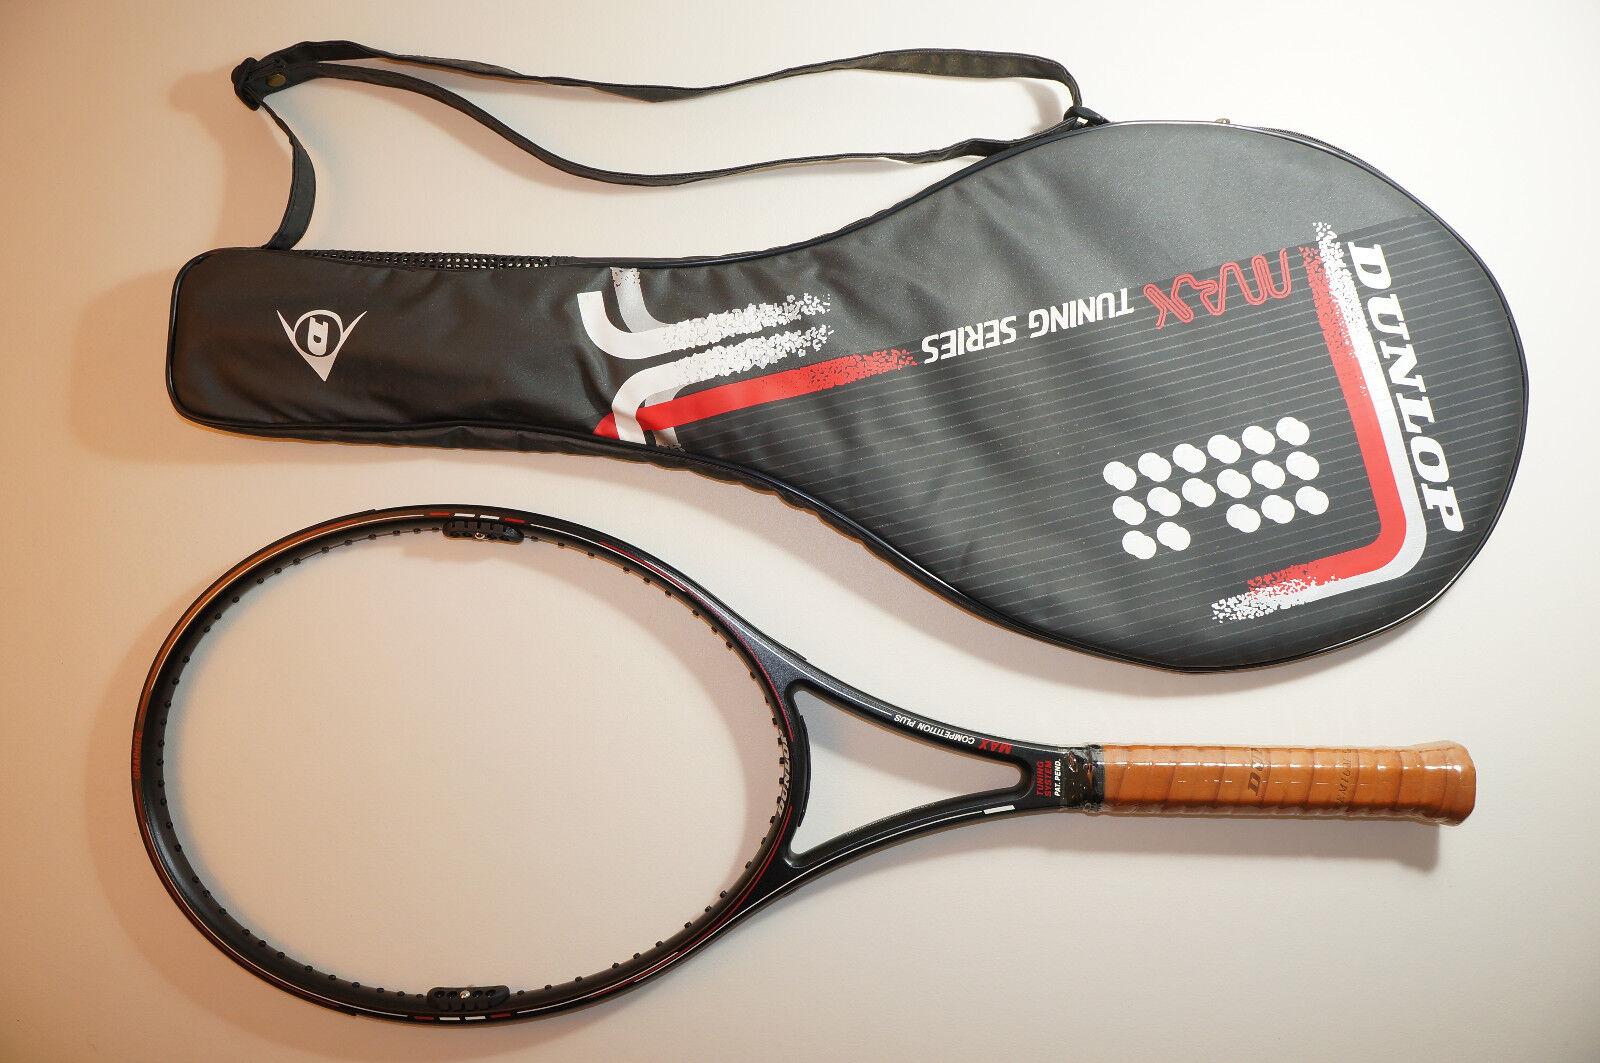 Nuevo Dunlop Max competencia Plus bloque 4 de alimentación ajustable Raqueta De Tenis 4 bloque 1/2 SL4 3b297f